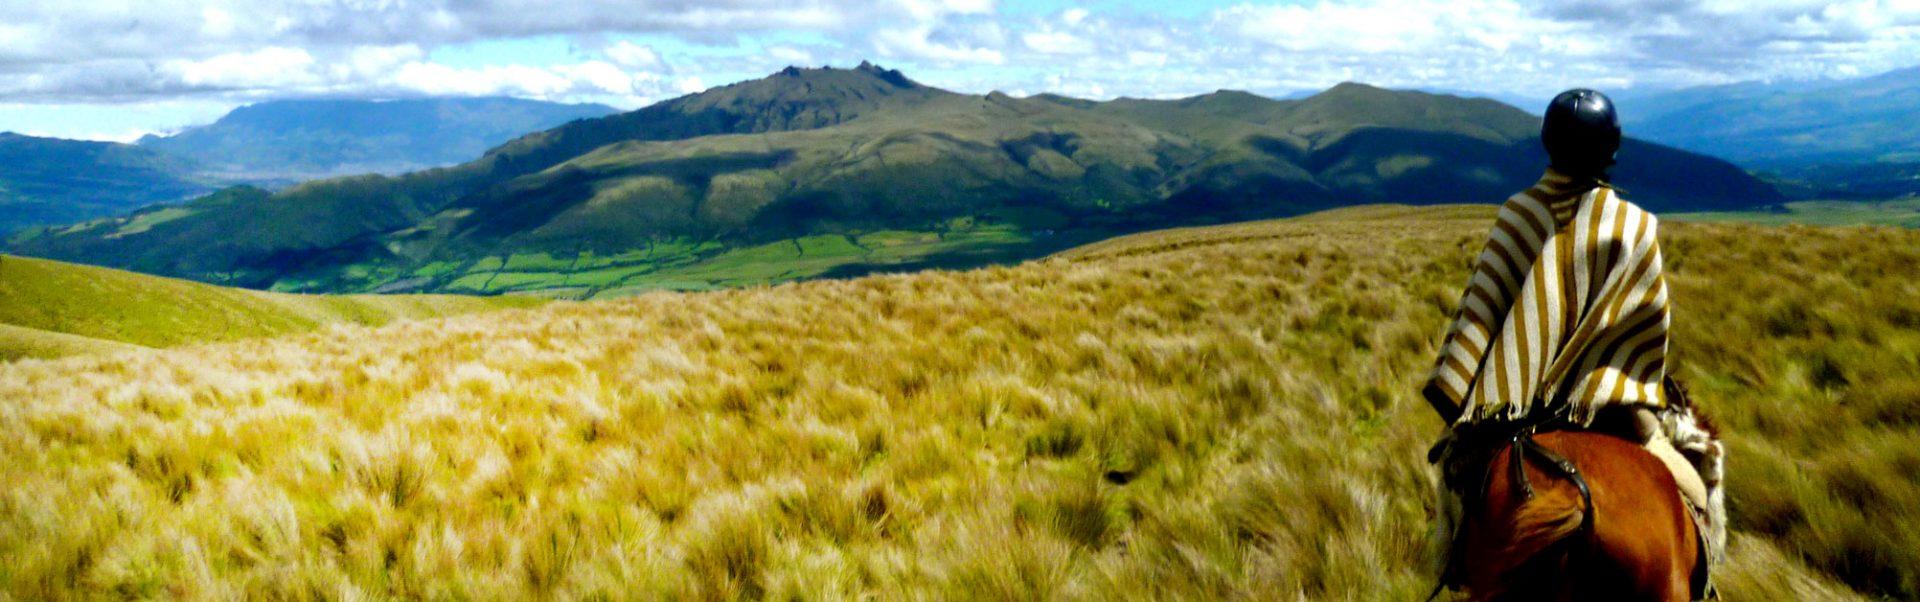 Landschaft bei Ecuador Reisen mit erlebe erkunden